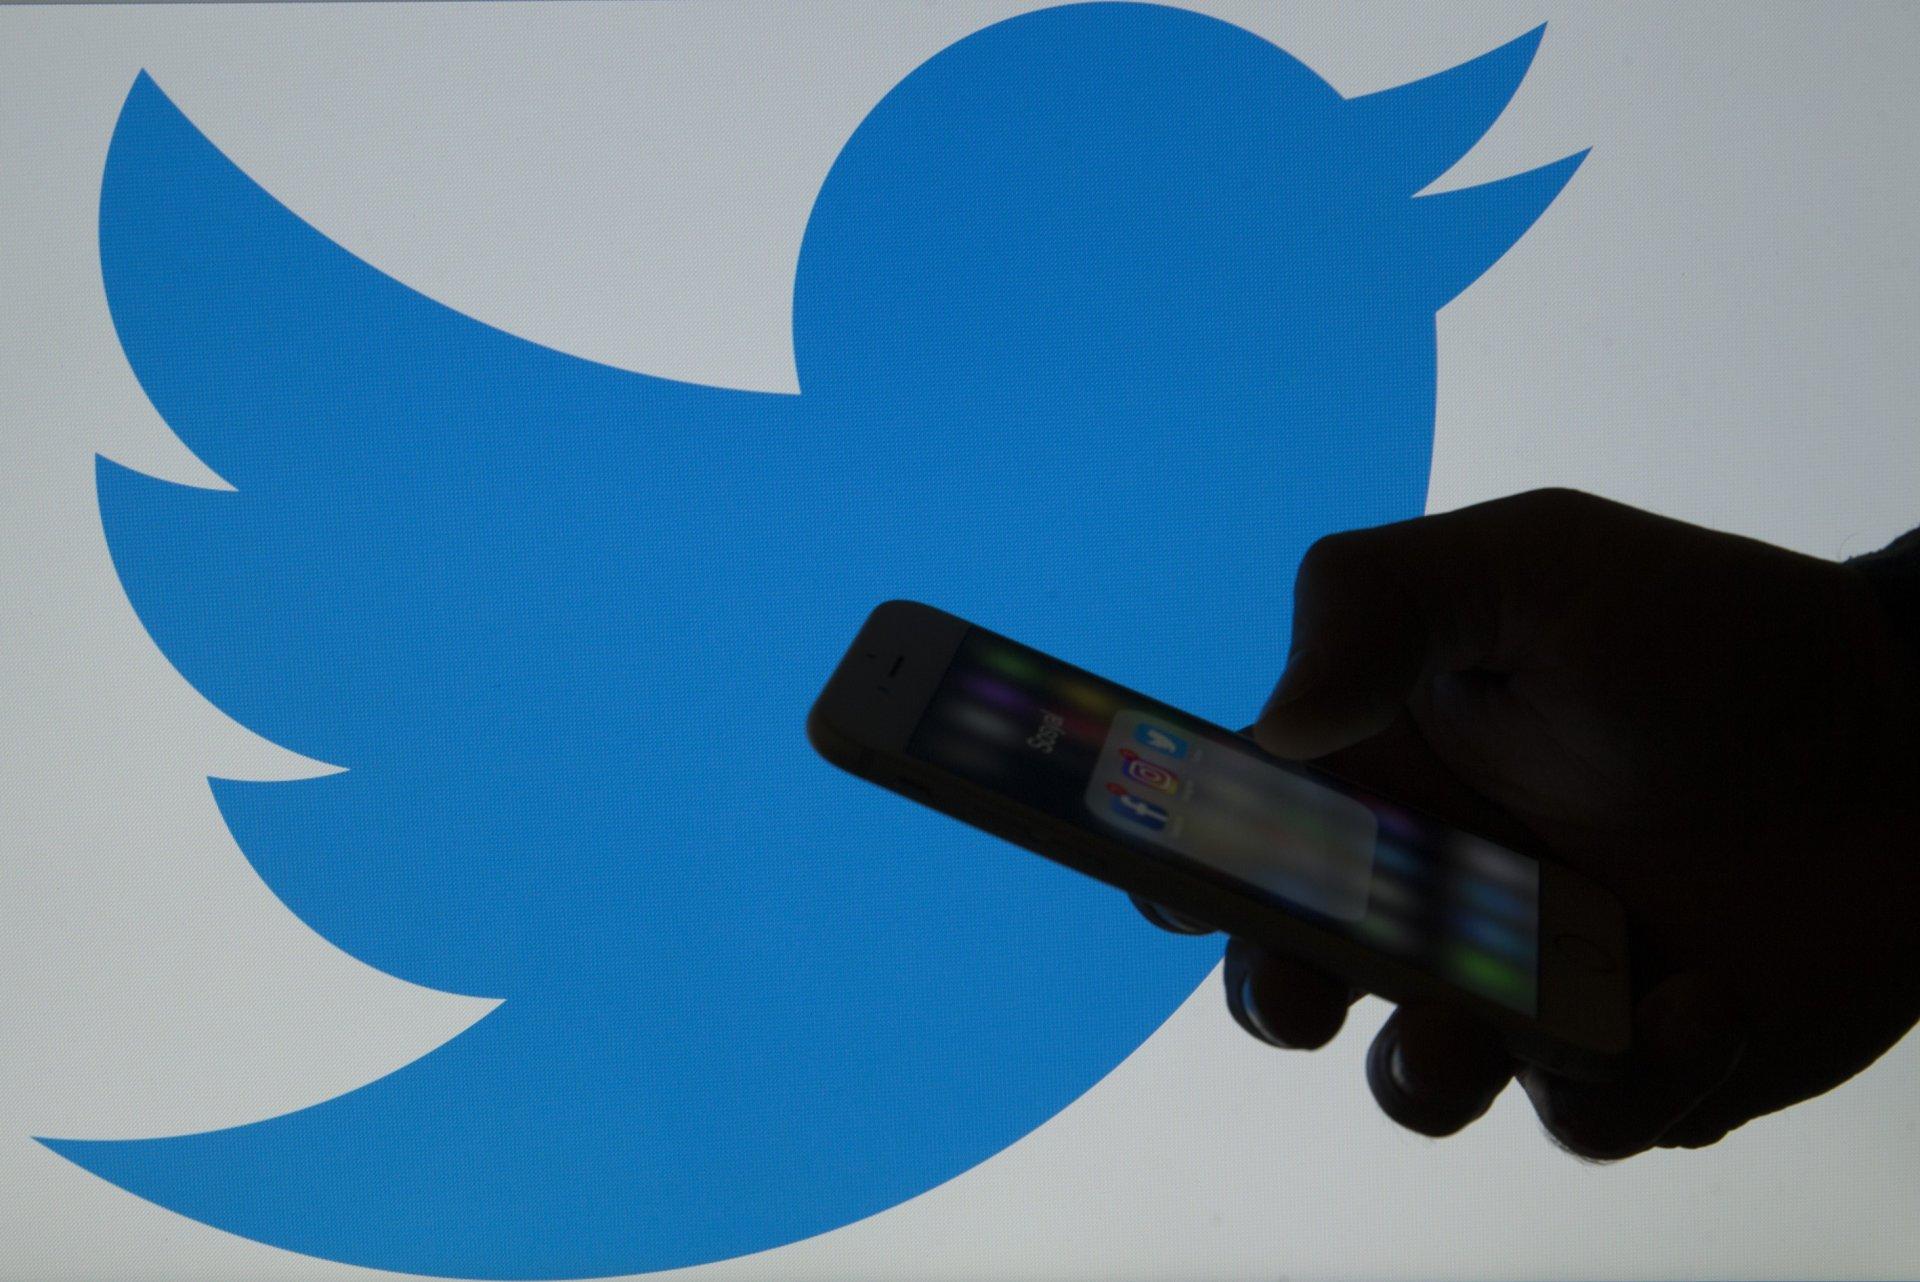 Twitter-т хариултаа нууцлах боломжтой боллоо